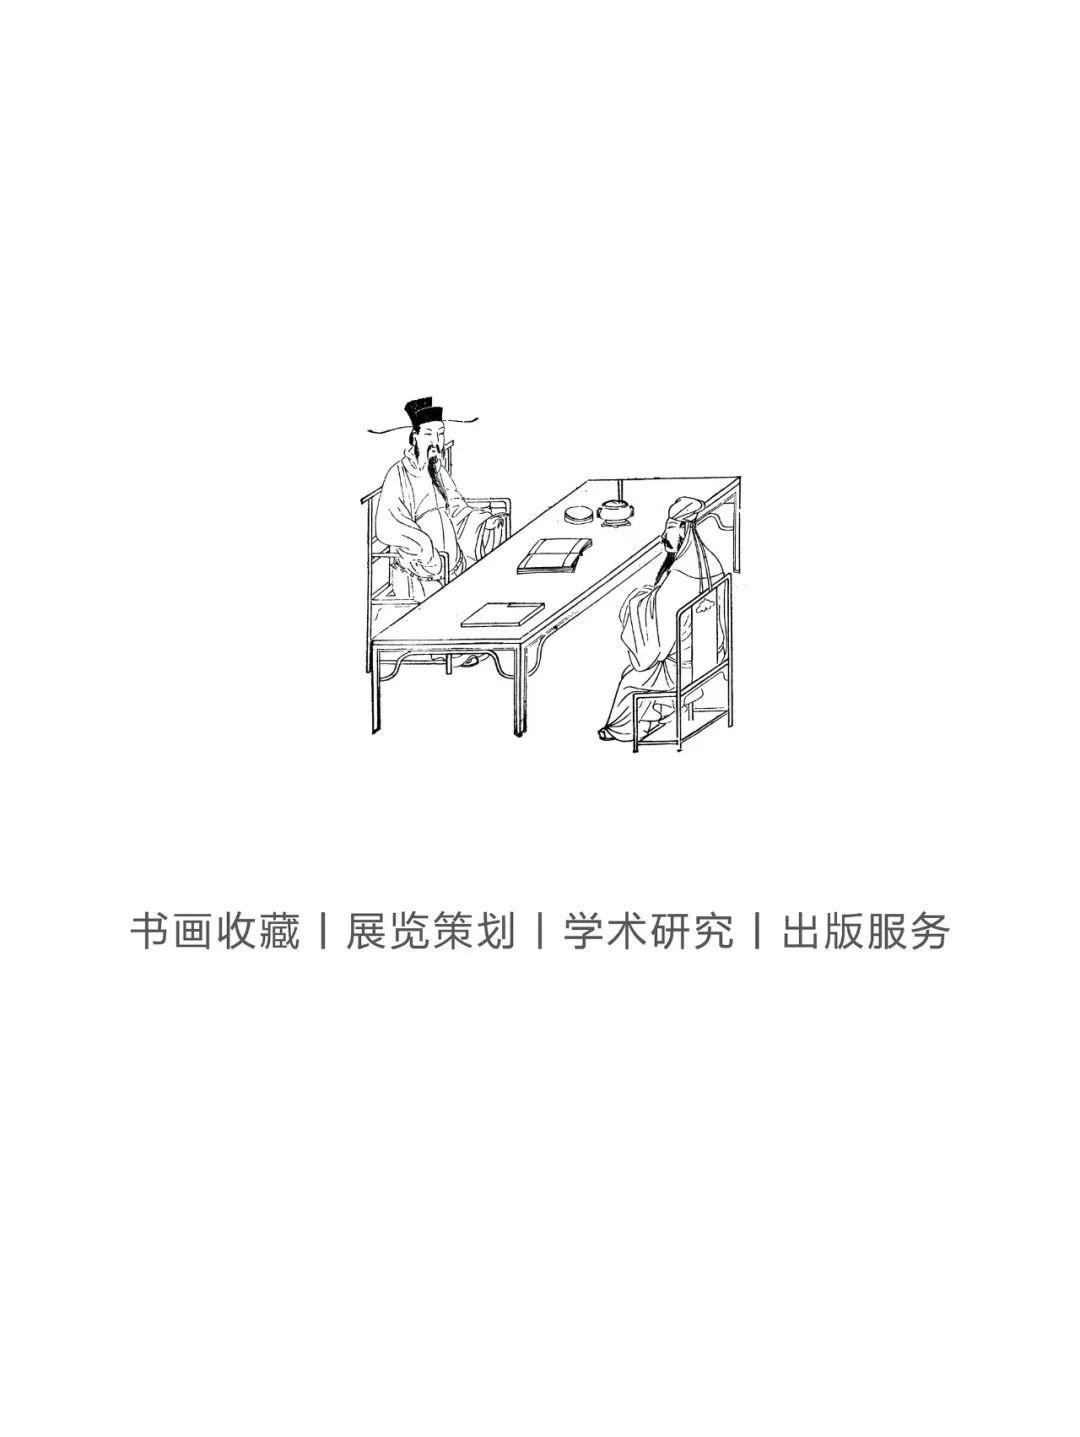 私享丨黄惇:我认为东晋是楷书的成熟时代